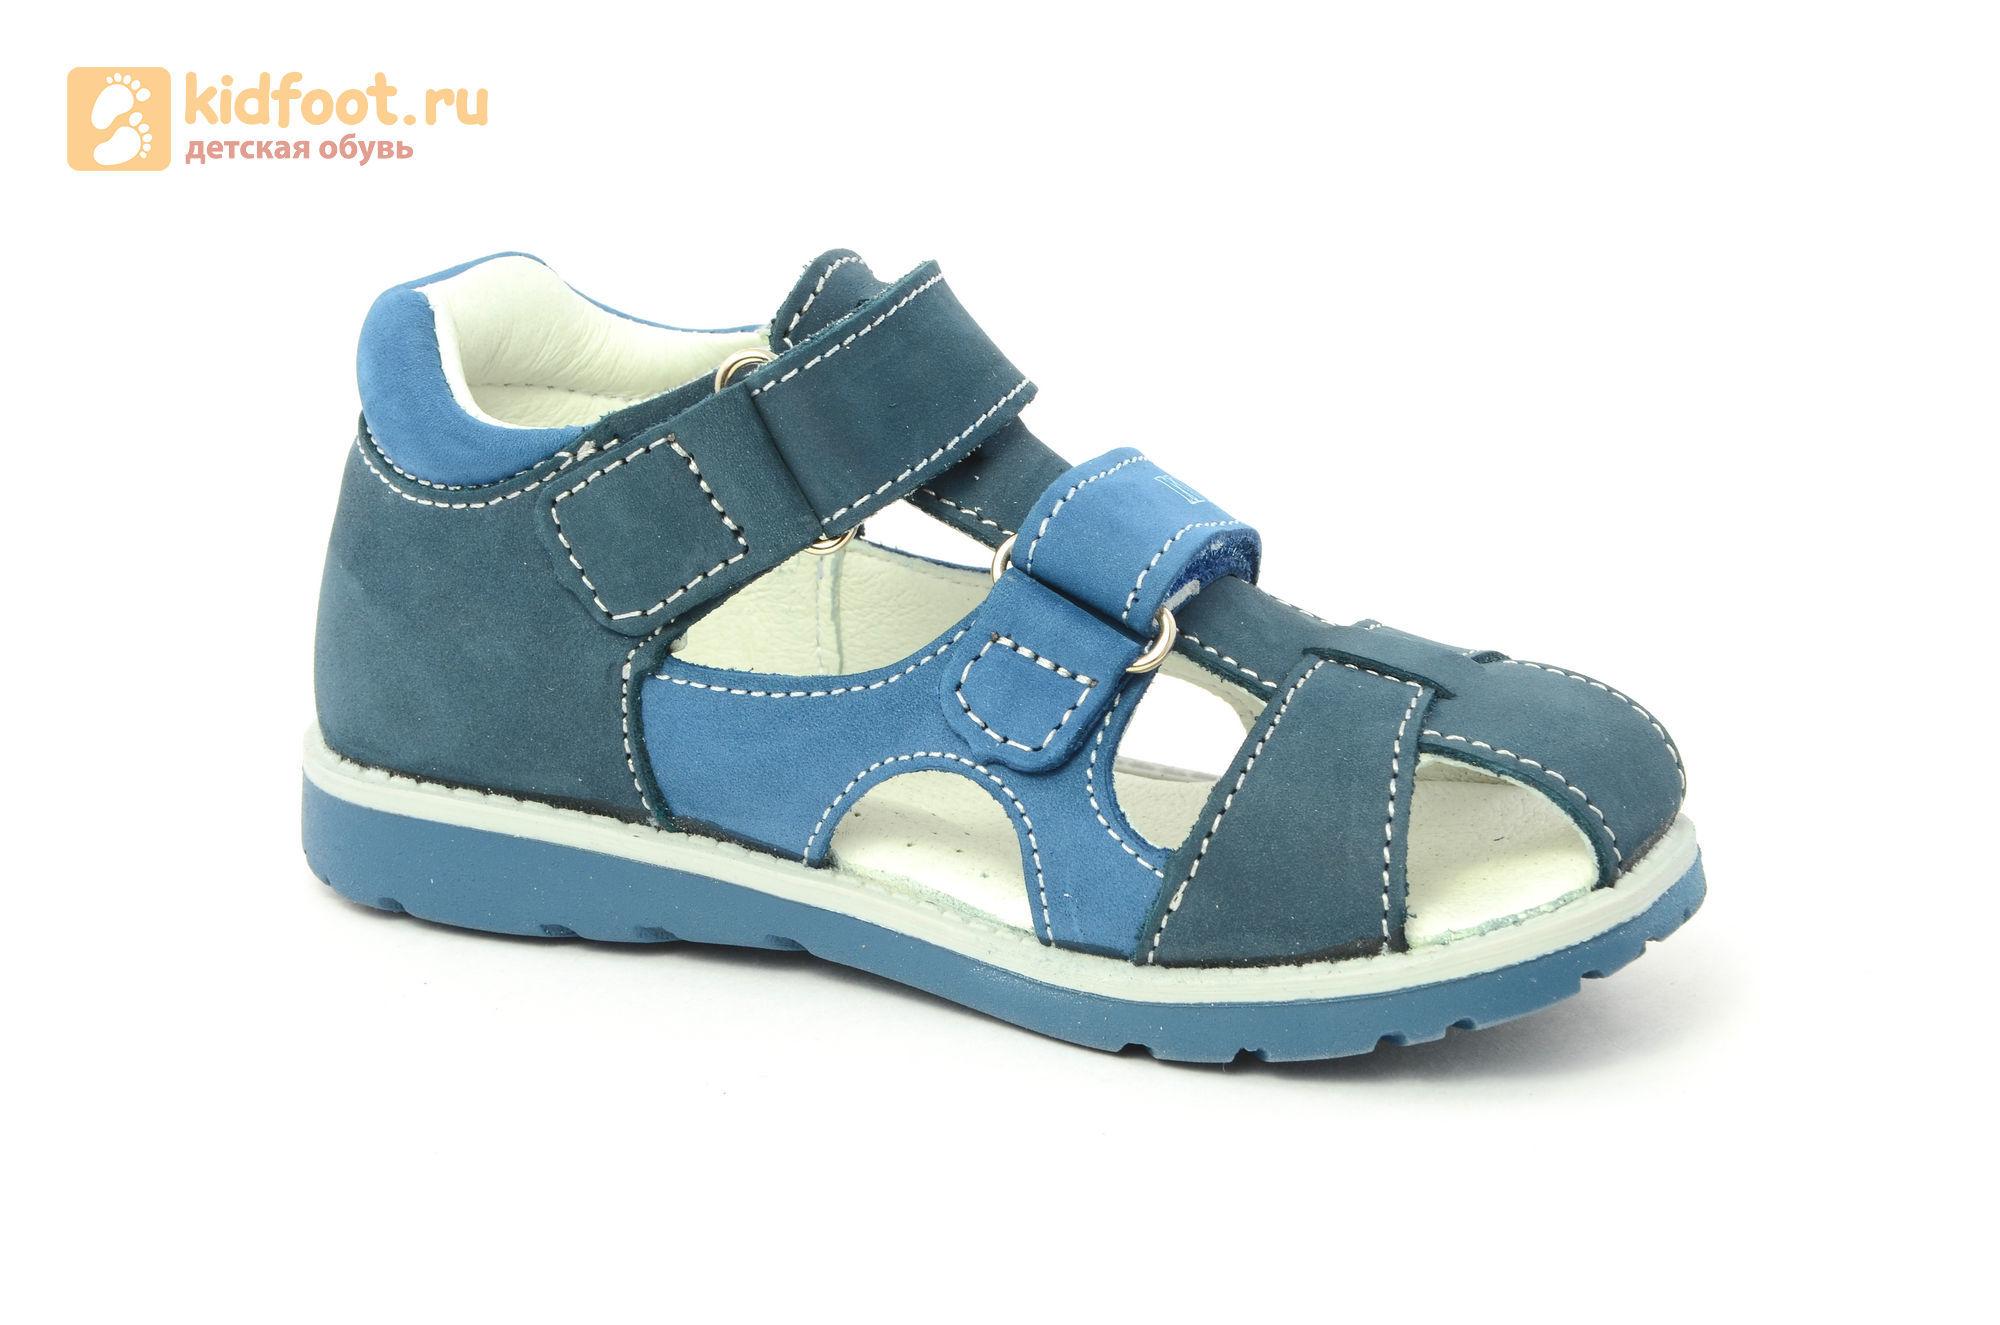 Детские сандалии Котофей 422059-21 из натуральной кожи, для мальчика, синие